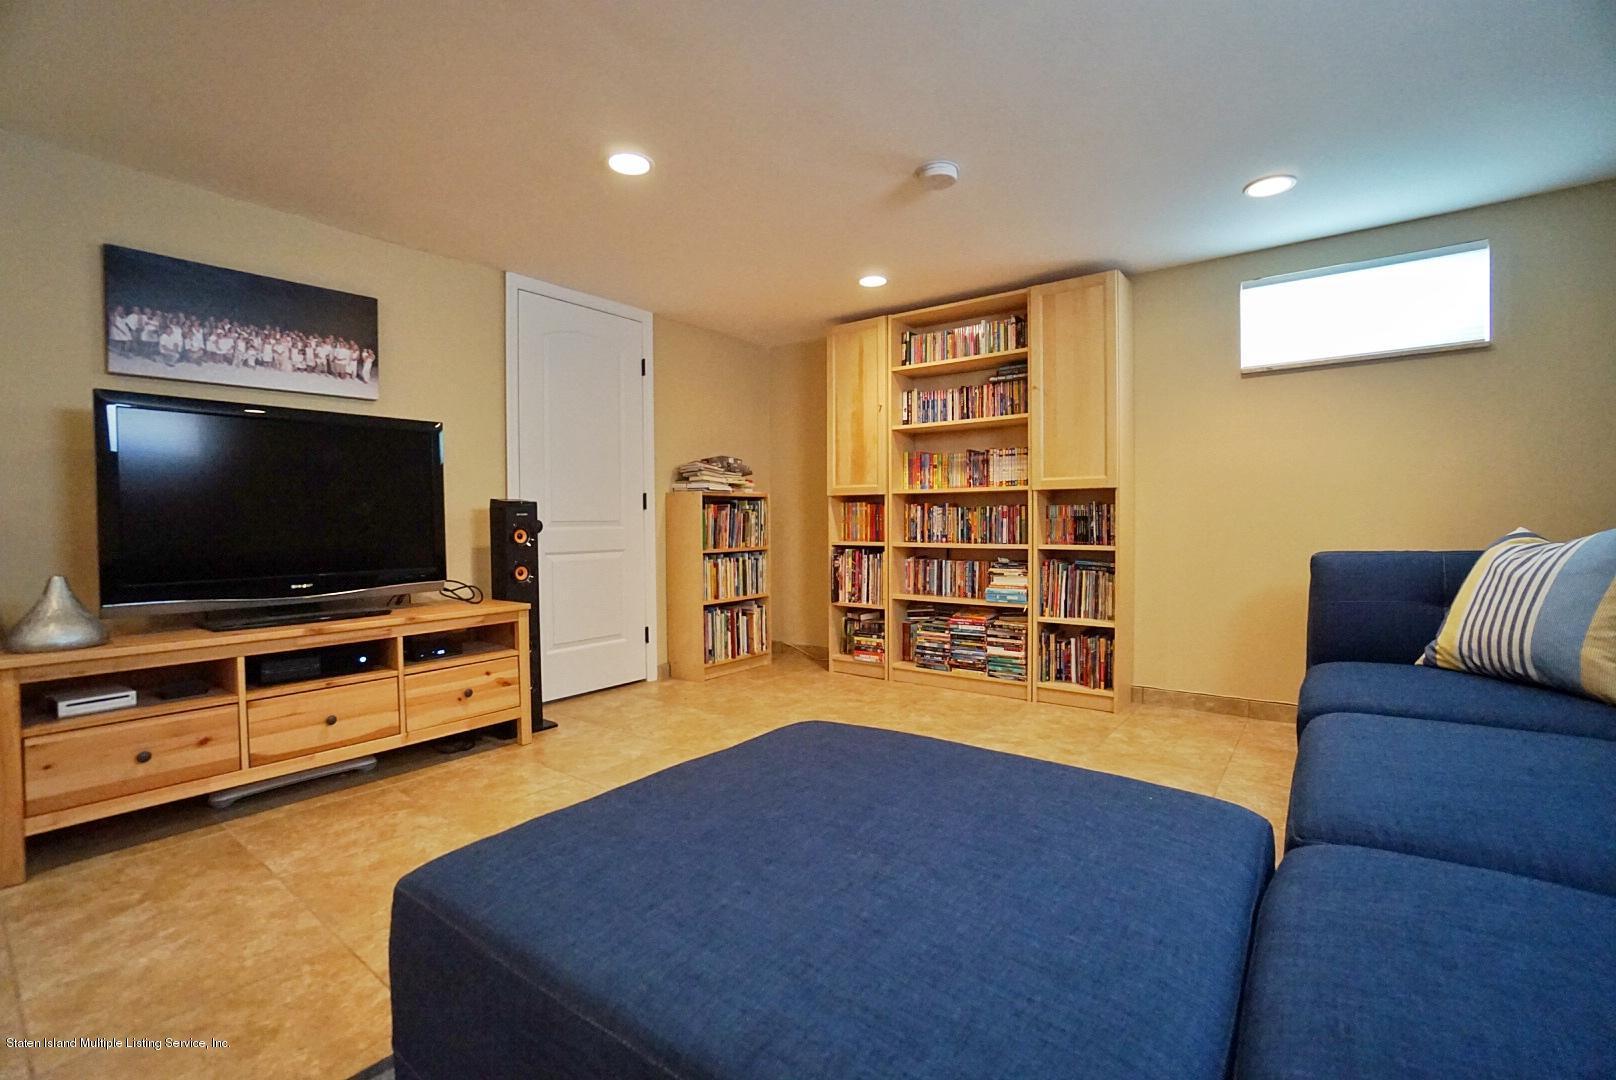 Single Family - Detached 337 Thomas Street  Staten Island, NY 10306, MLS-1129114-62